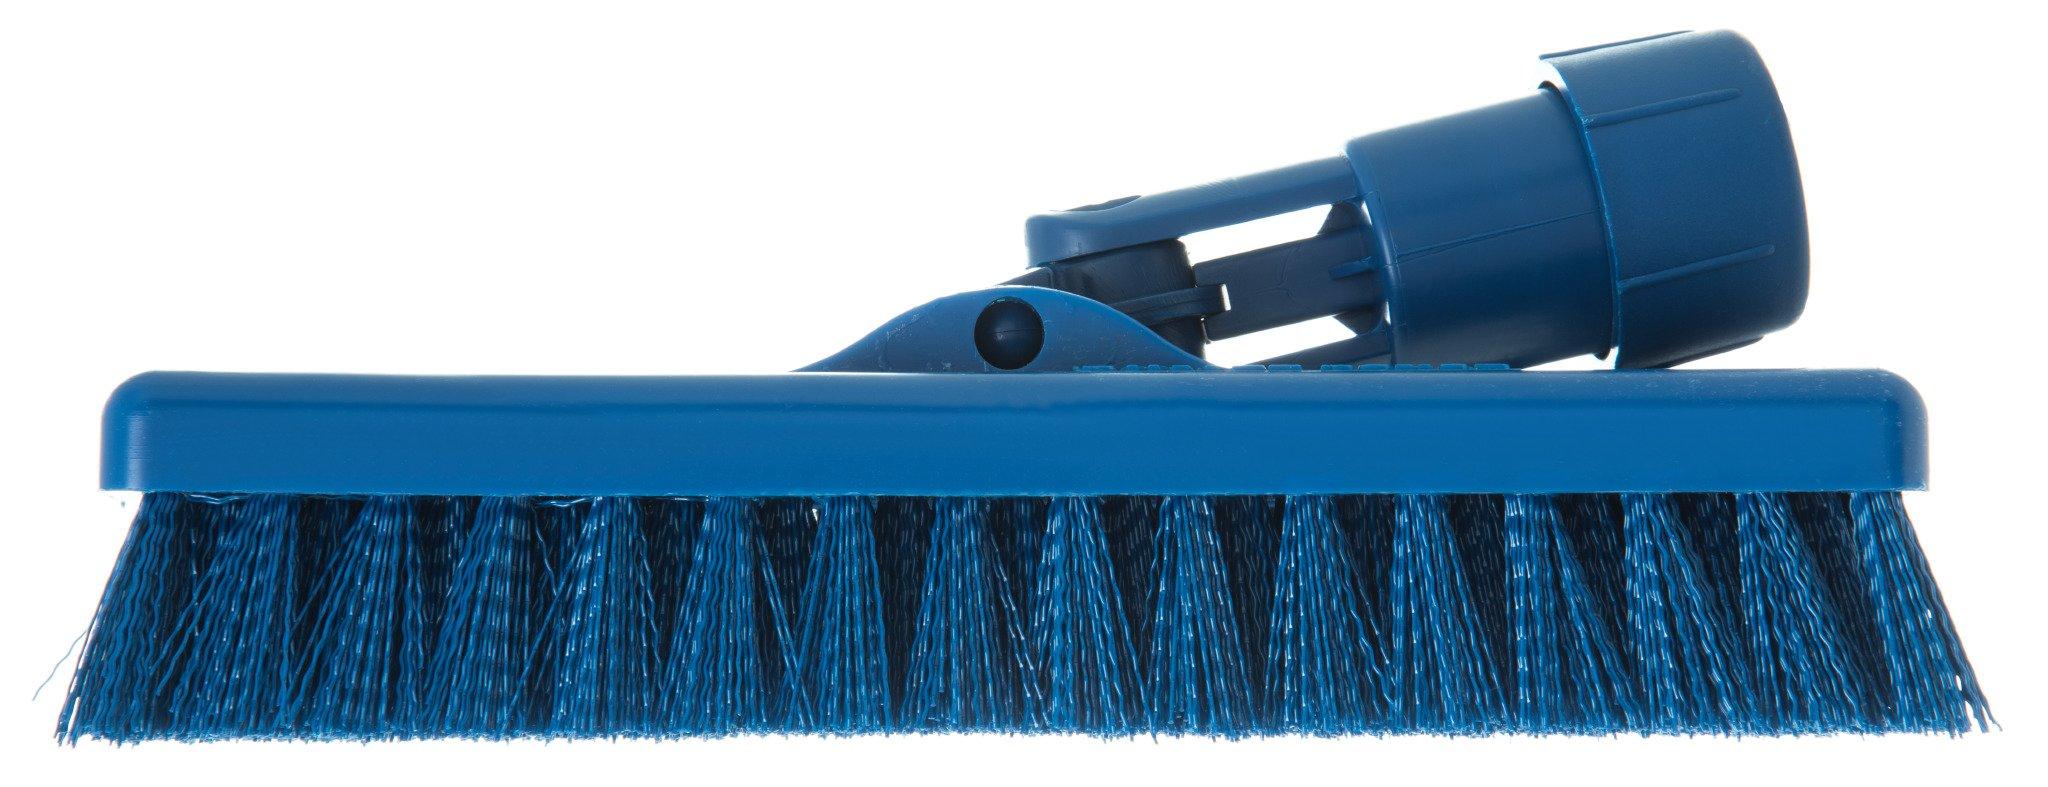 Carlisle 363883114 Swivel Scrub Brush, 8'', Blue (Pack of 12) by Carlisle (Image #4)